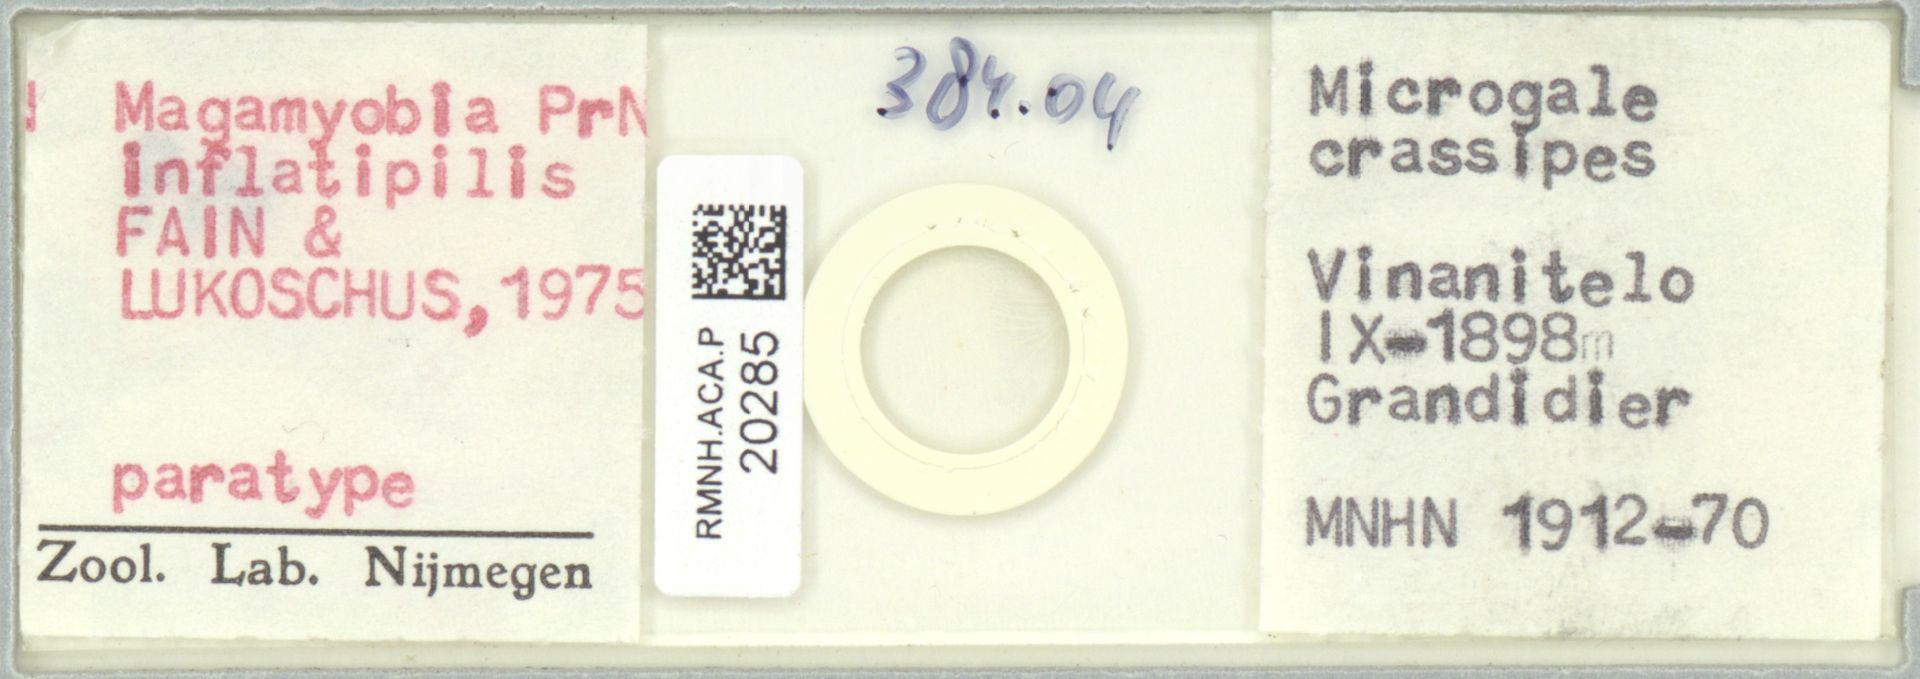 RMNH.ACA.P.20285 | Madamyobia inflatipilis